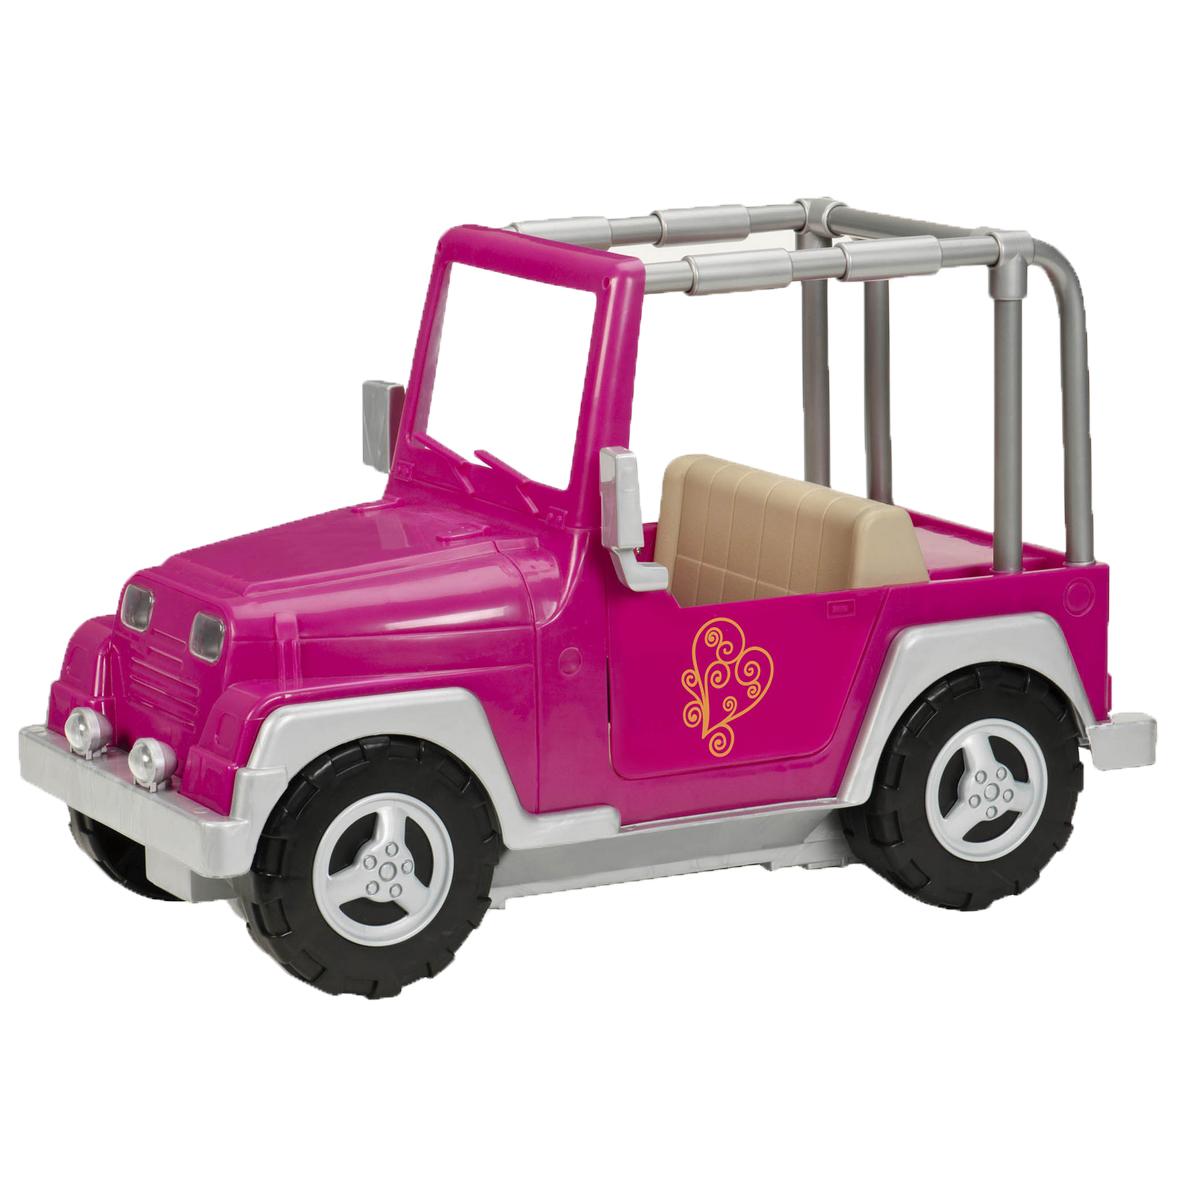 Our Generation Транспорт для кукол Джип11518Девочки путешествуют со стилем на ярком джипе Our Generation! Джип выполнен из прочного безопасного пластика розового цвета. Игрушка дополнена открывающимися дверями и подвижными колесами. Ваша малышка сможет катать свою куколку на этой великолепной машинке. Порадуйте ее таким замечательным подарком! Подходит для кукол высотой 46 см.